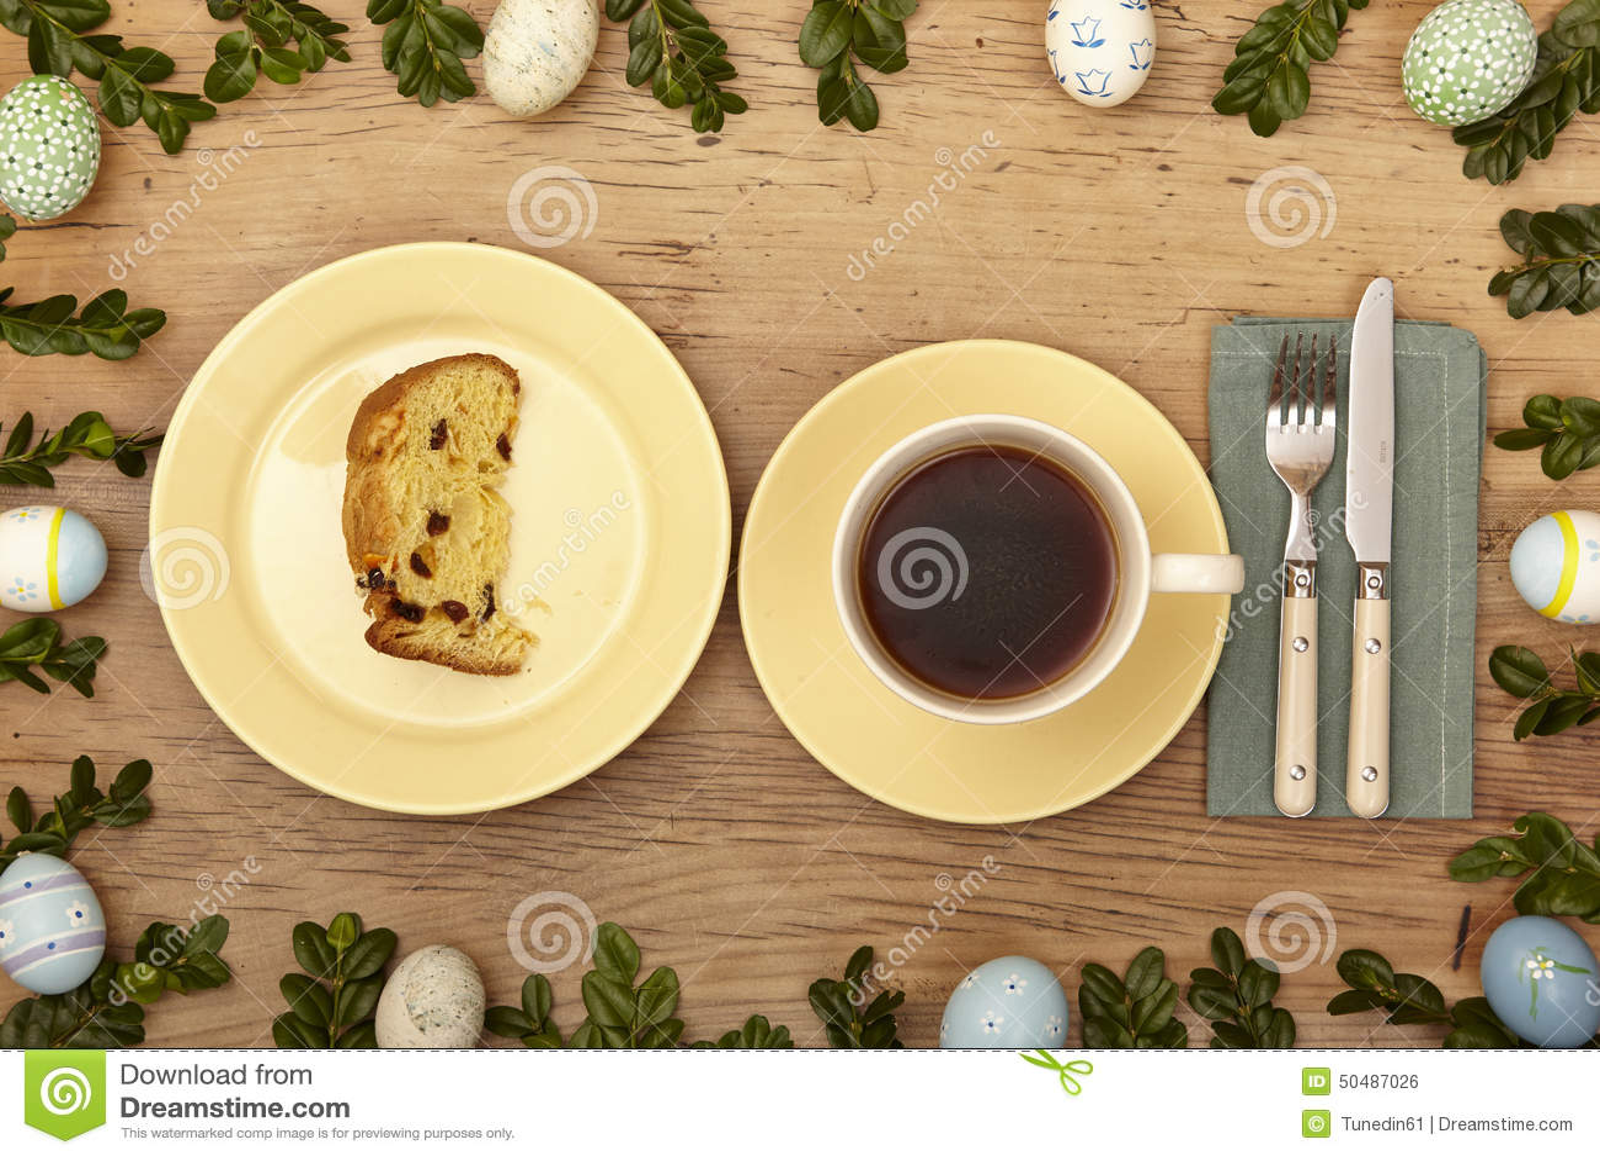 Download Ostern Dekoration, Kaffeetasse, Platte Mit Kuchen Auf Holz  Stockfoto   Bild Von